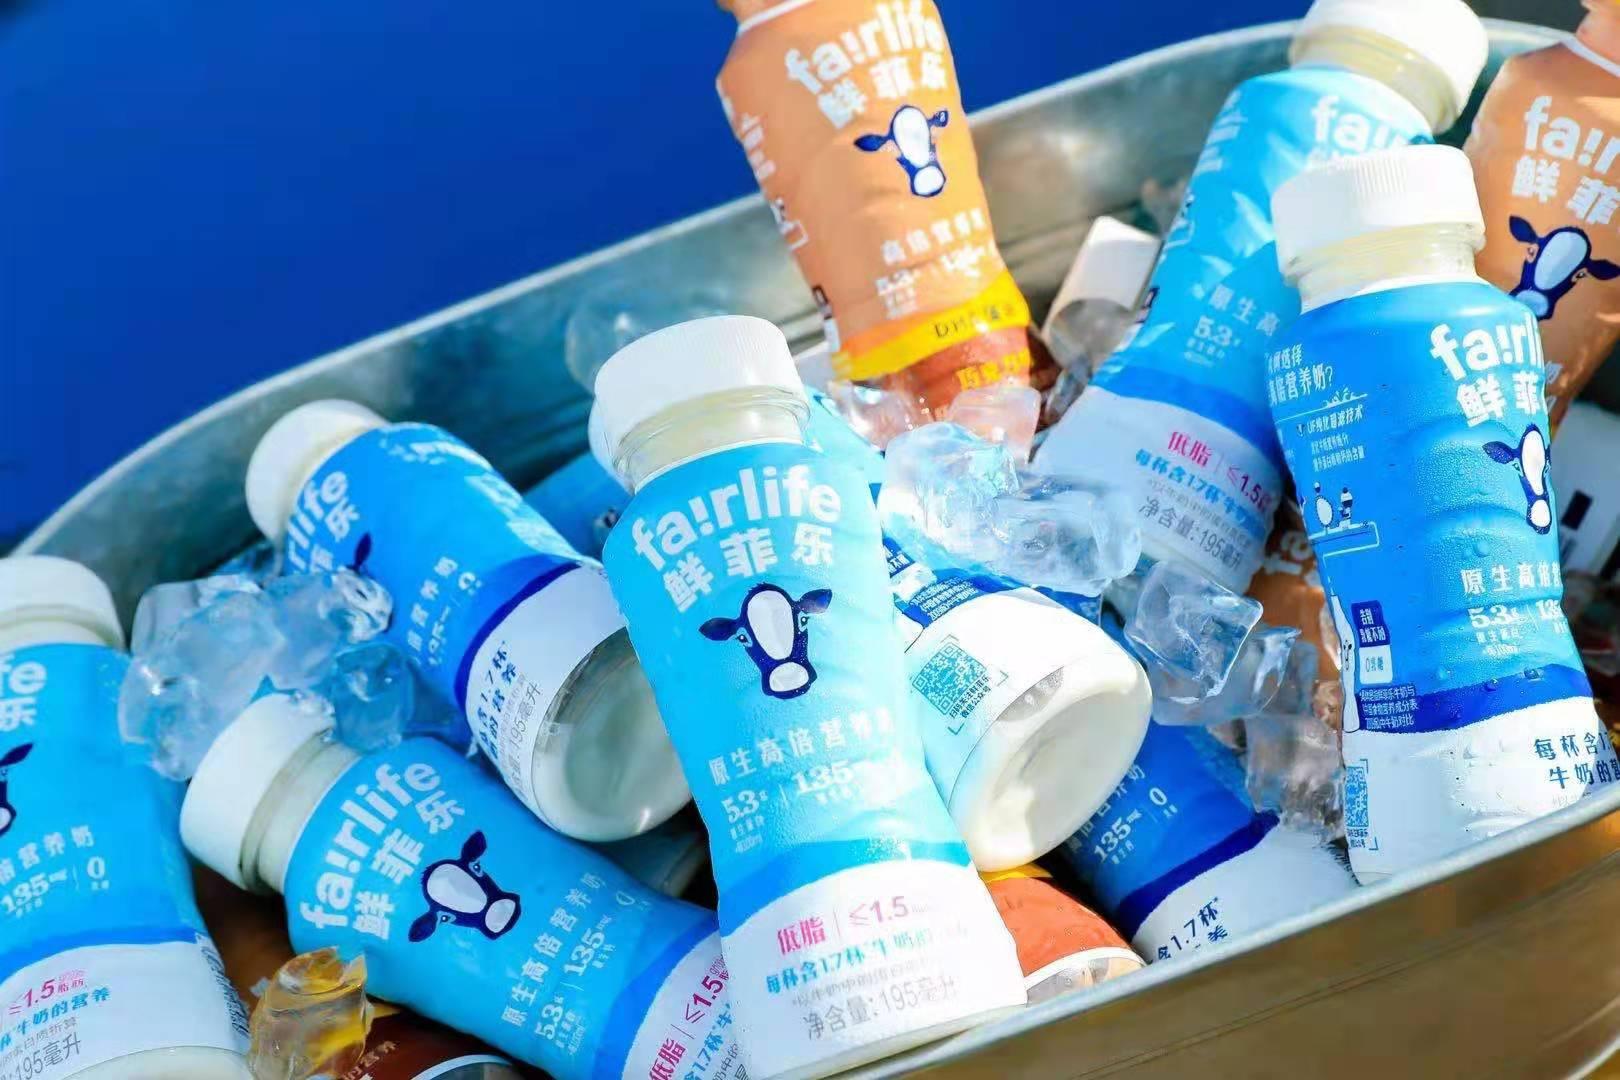 蒙牛与可口可乐强强联手推出鲜菲乐,用科技开辟低温奶全新赛道